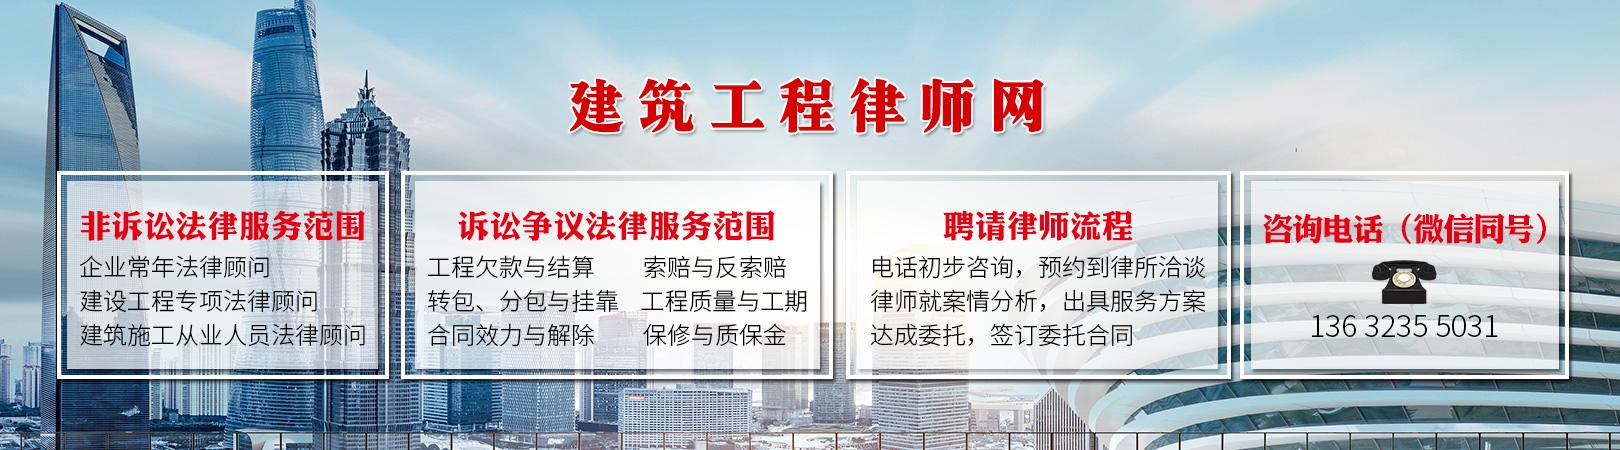 广州房地产律师